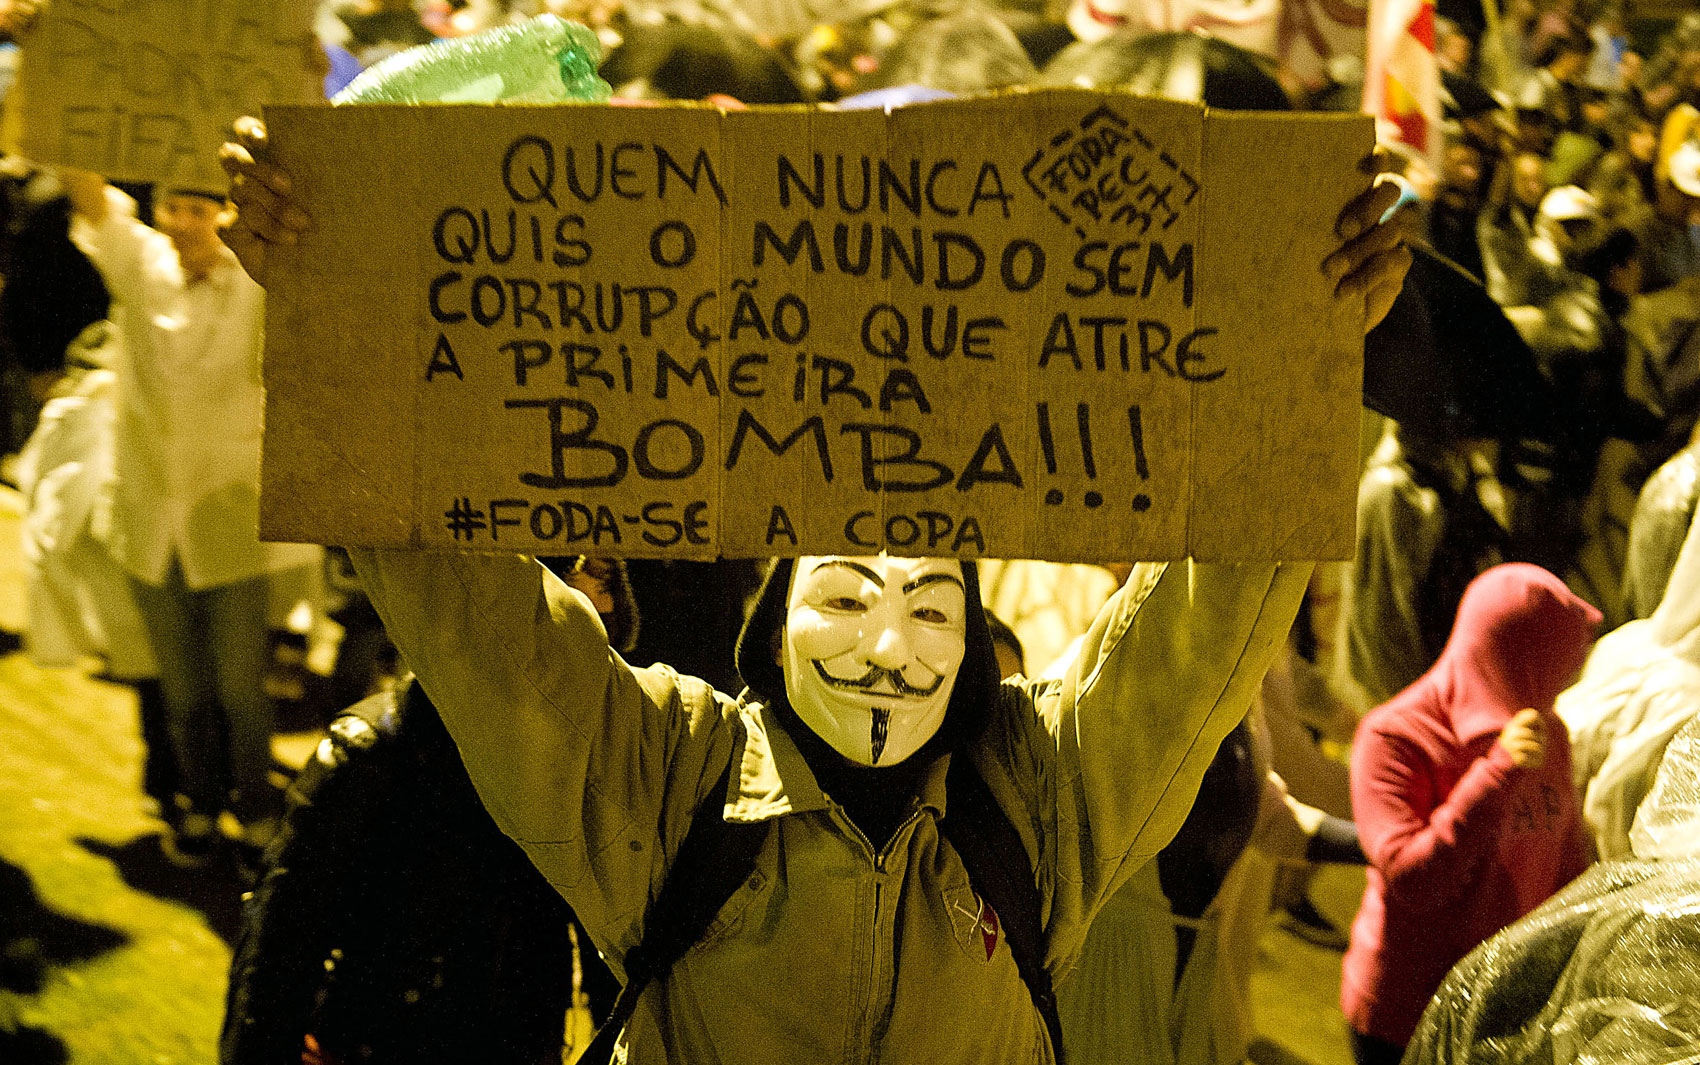 Manifestante em Porto Alegre protesta por melhores serviços públicos, um novo sistema político e contra a PEC 37 nesta segunda-feira (24).